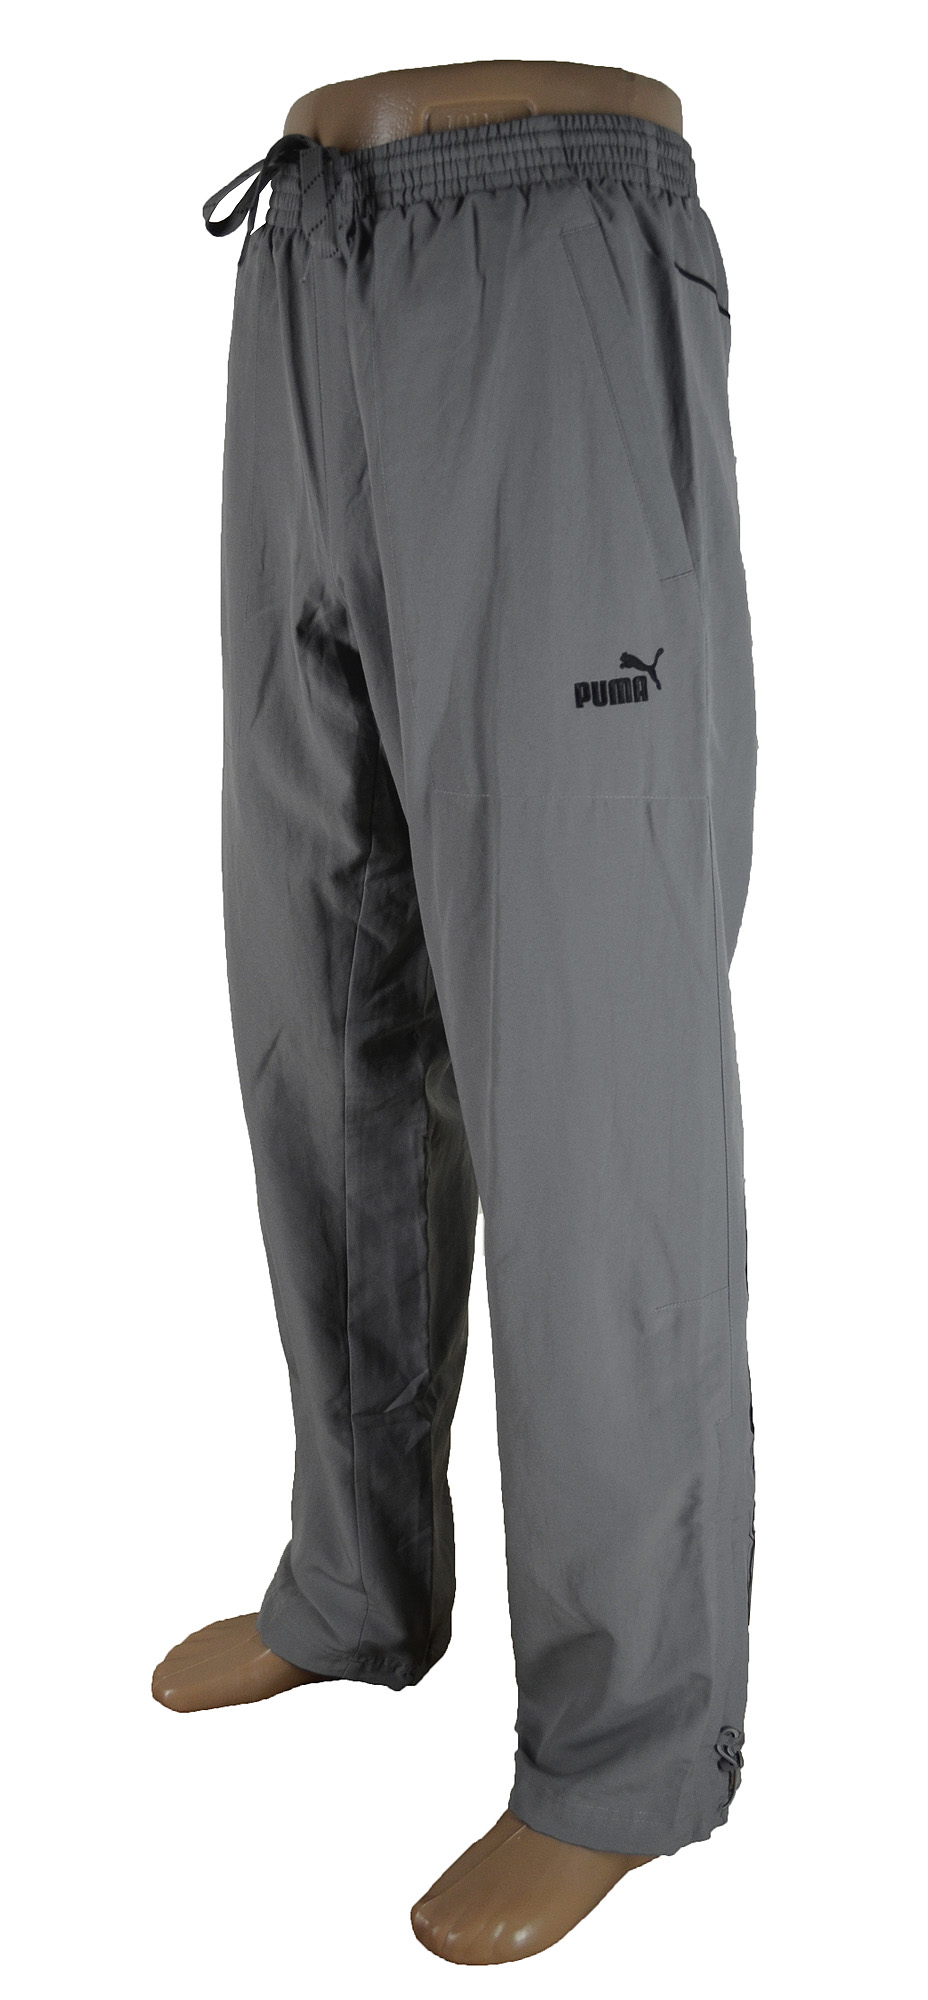 85b54f067f06 Спортивные штаны Puma купить в Украине   Интернет магазин одежды OUTFIT